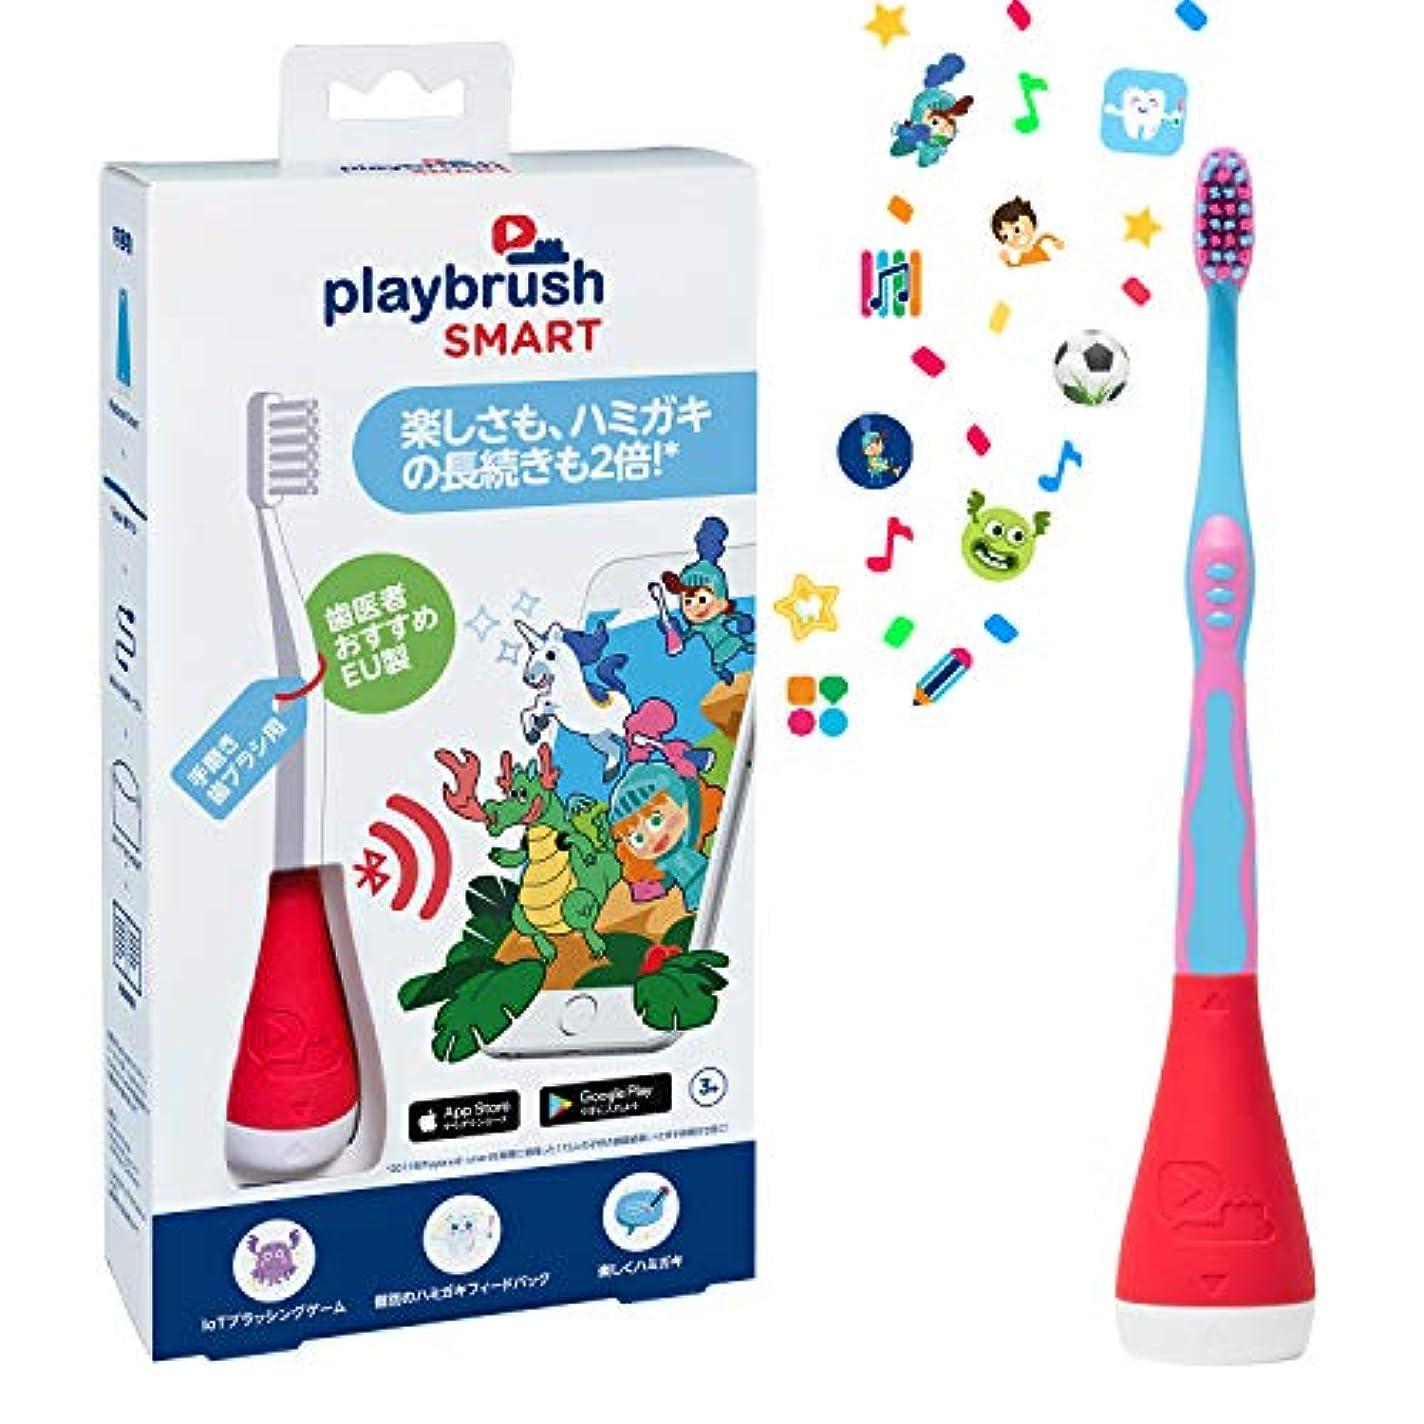 複雑な反毒ヒップ【ヨーロッパで開発されたゲームができる子供用歯ブラシ】プレイブラッシュ スマート レッド◇ 普段の歯ブラシに取り付けるだけ◇ Playbrush Smart Red